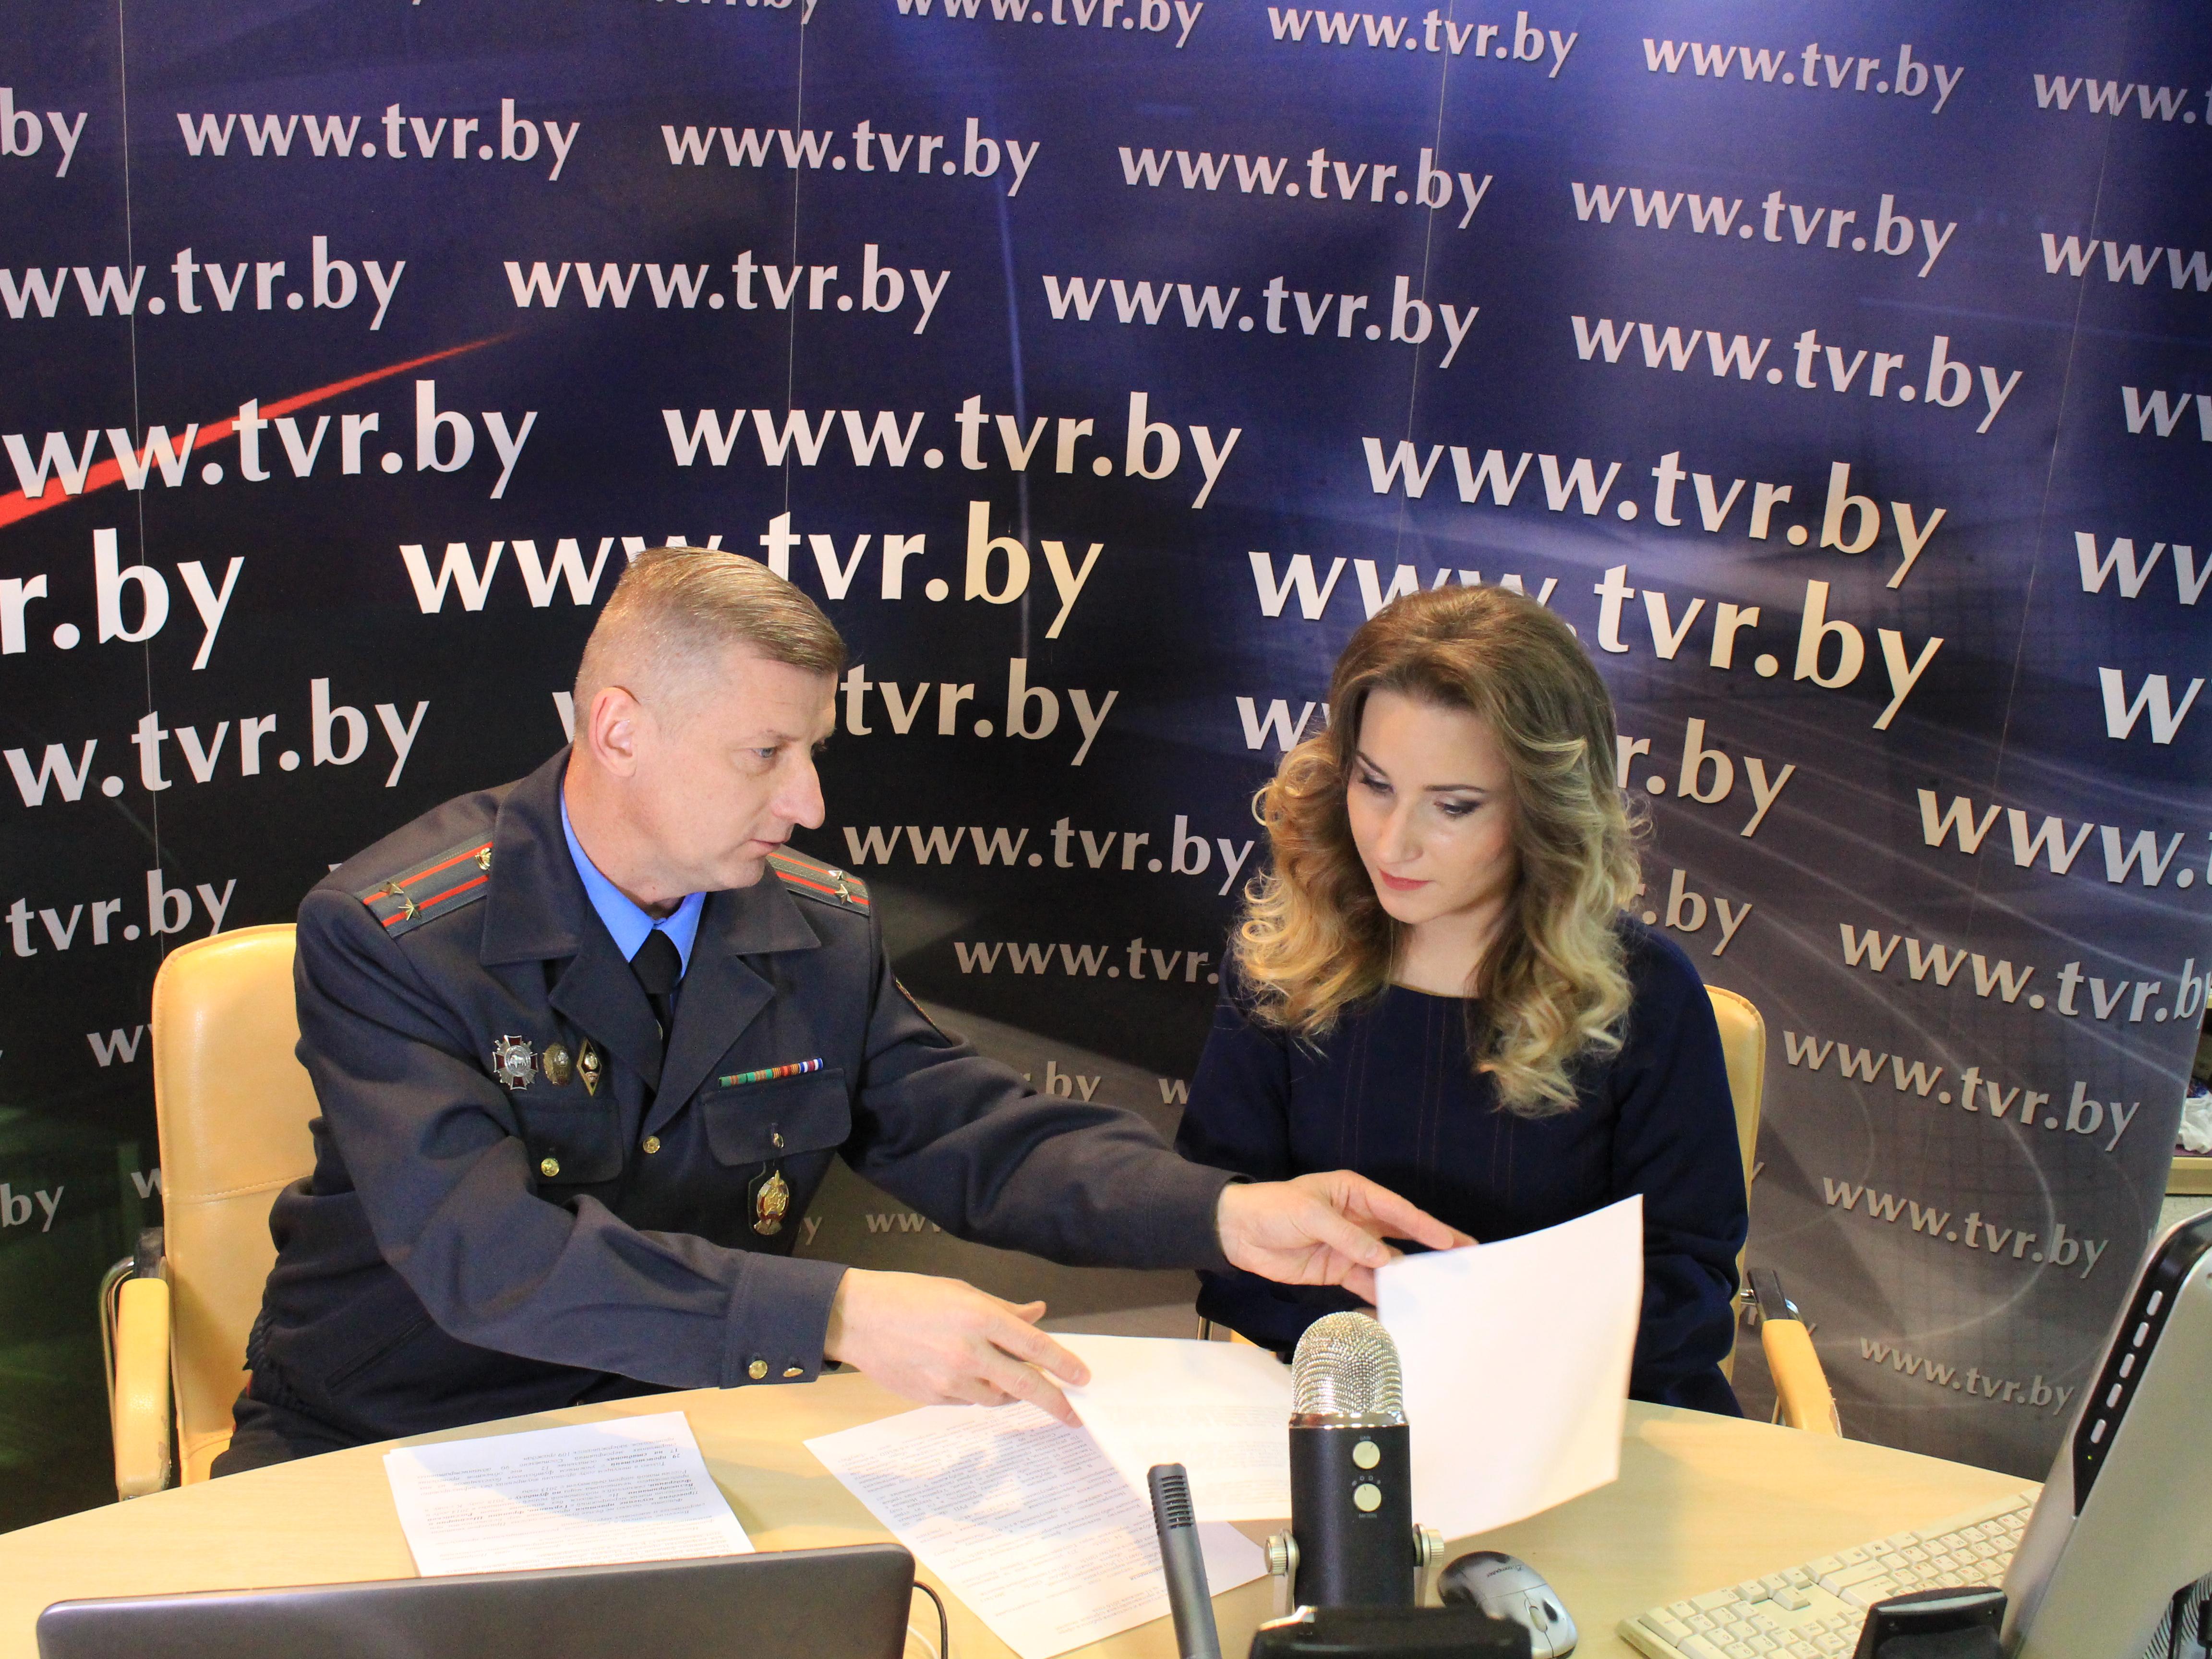 Онлайн-конференция с официальным представителем МВД Георгием Евчаром